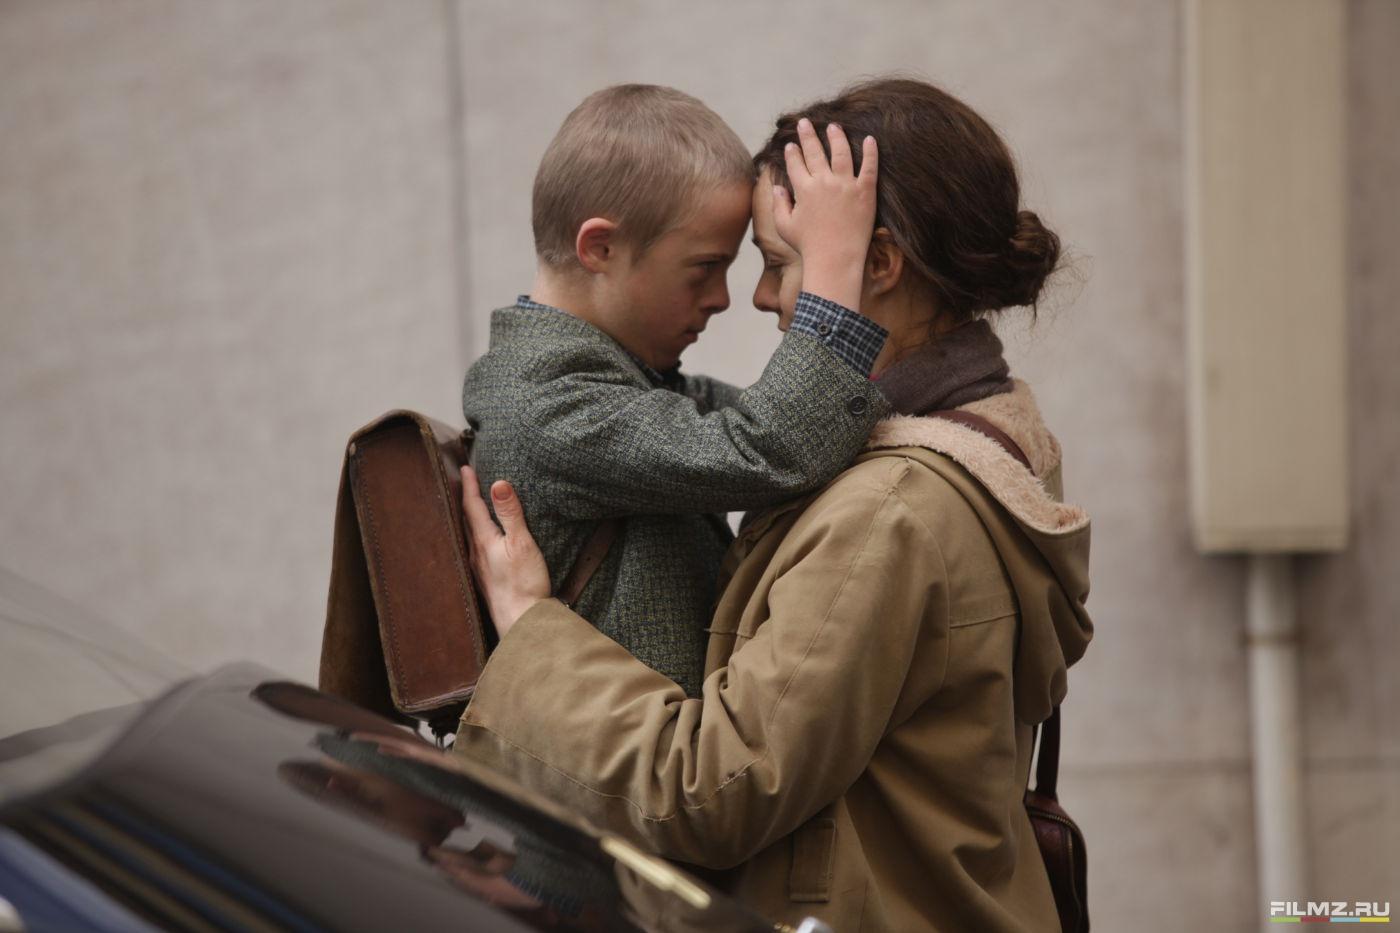 Сын нас сын и мать смотреть онлайн 5 фотография